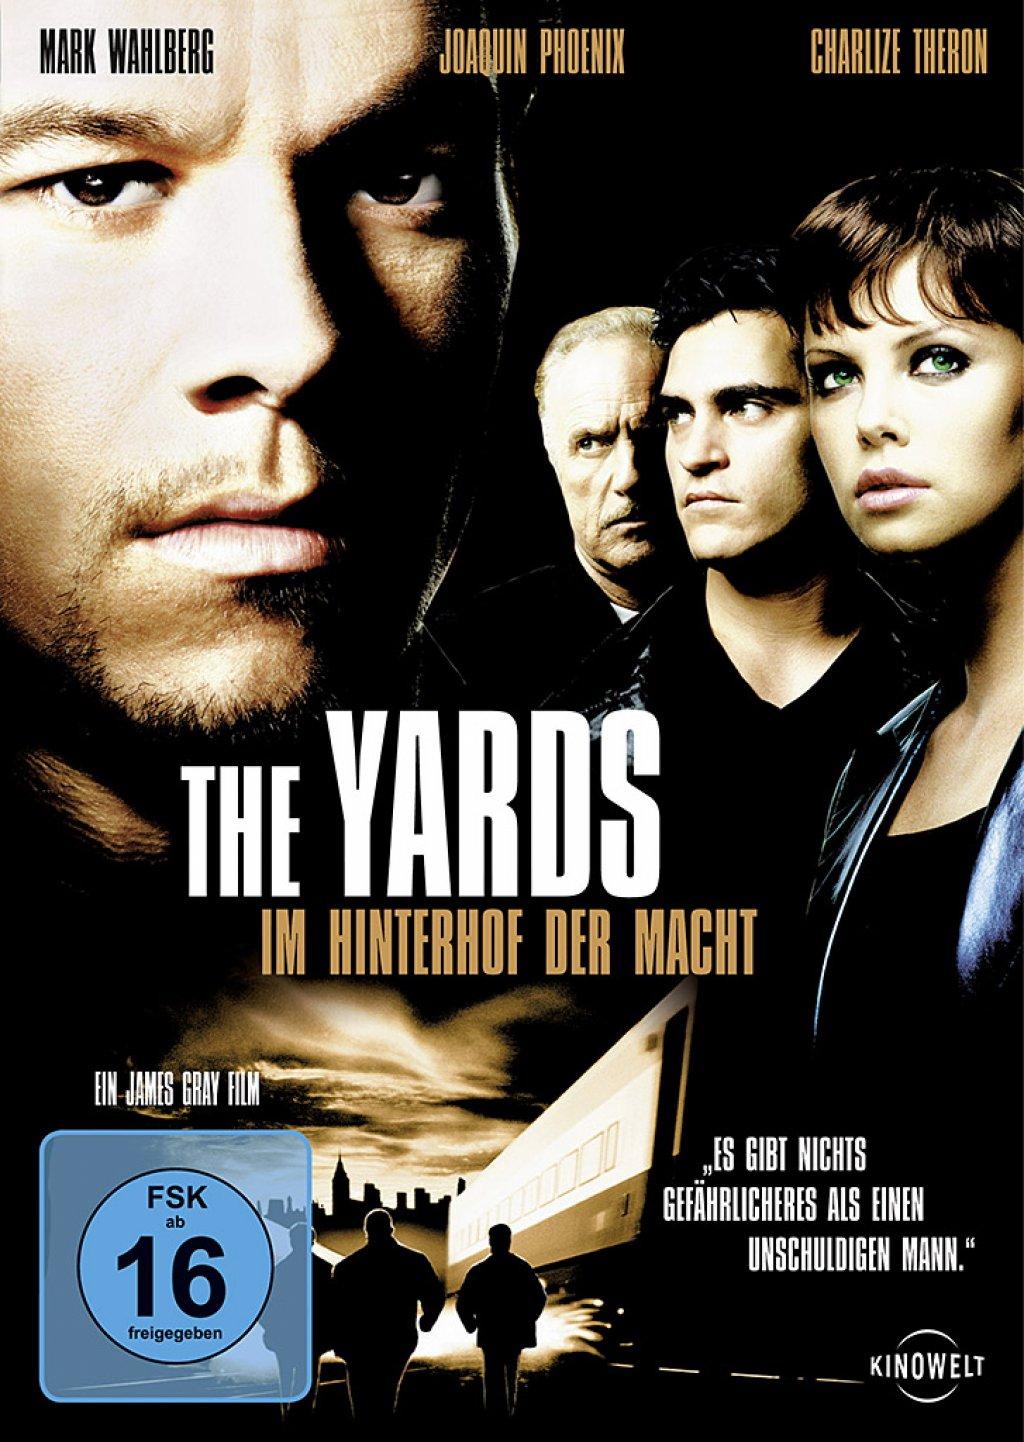 The Yards - Im Hinterhof der Macht (DVD)